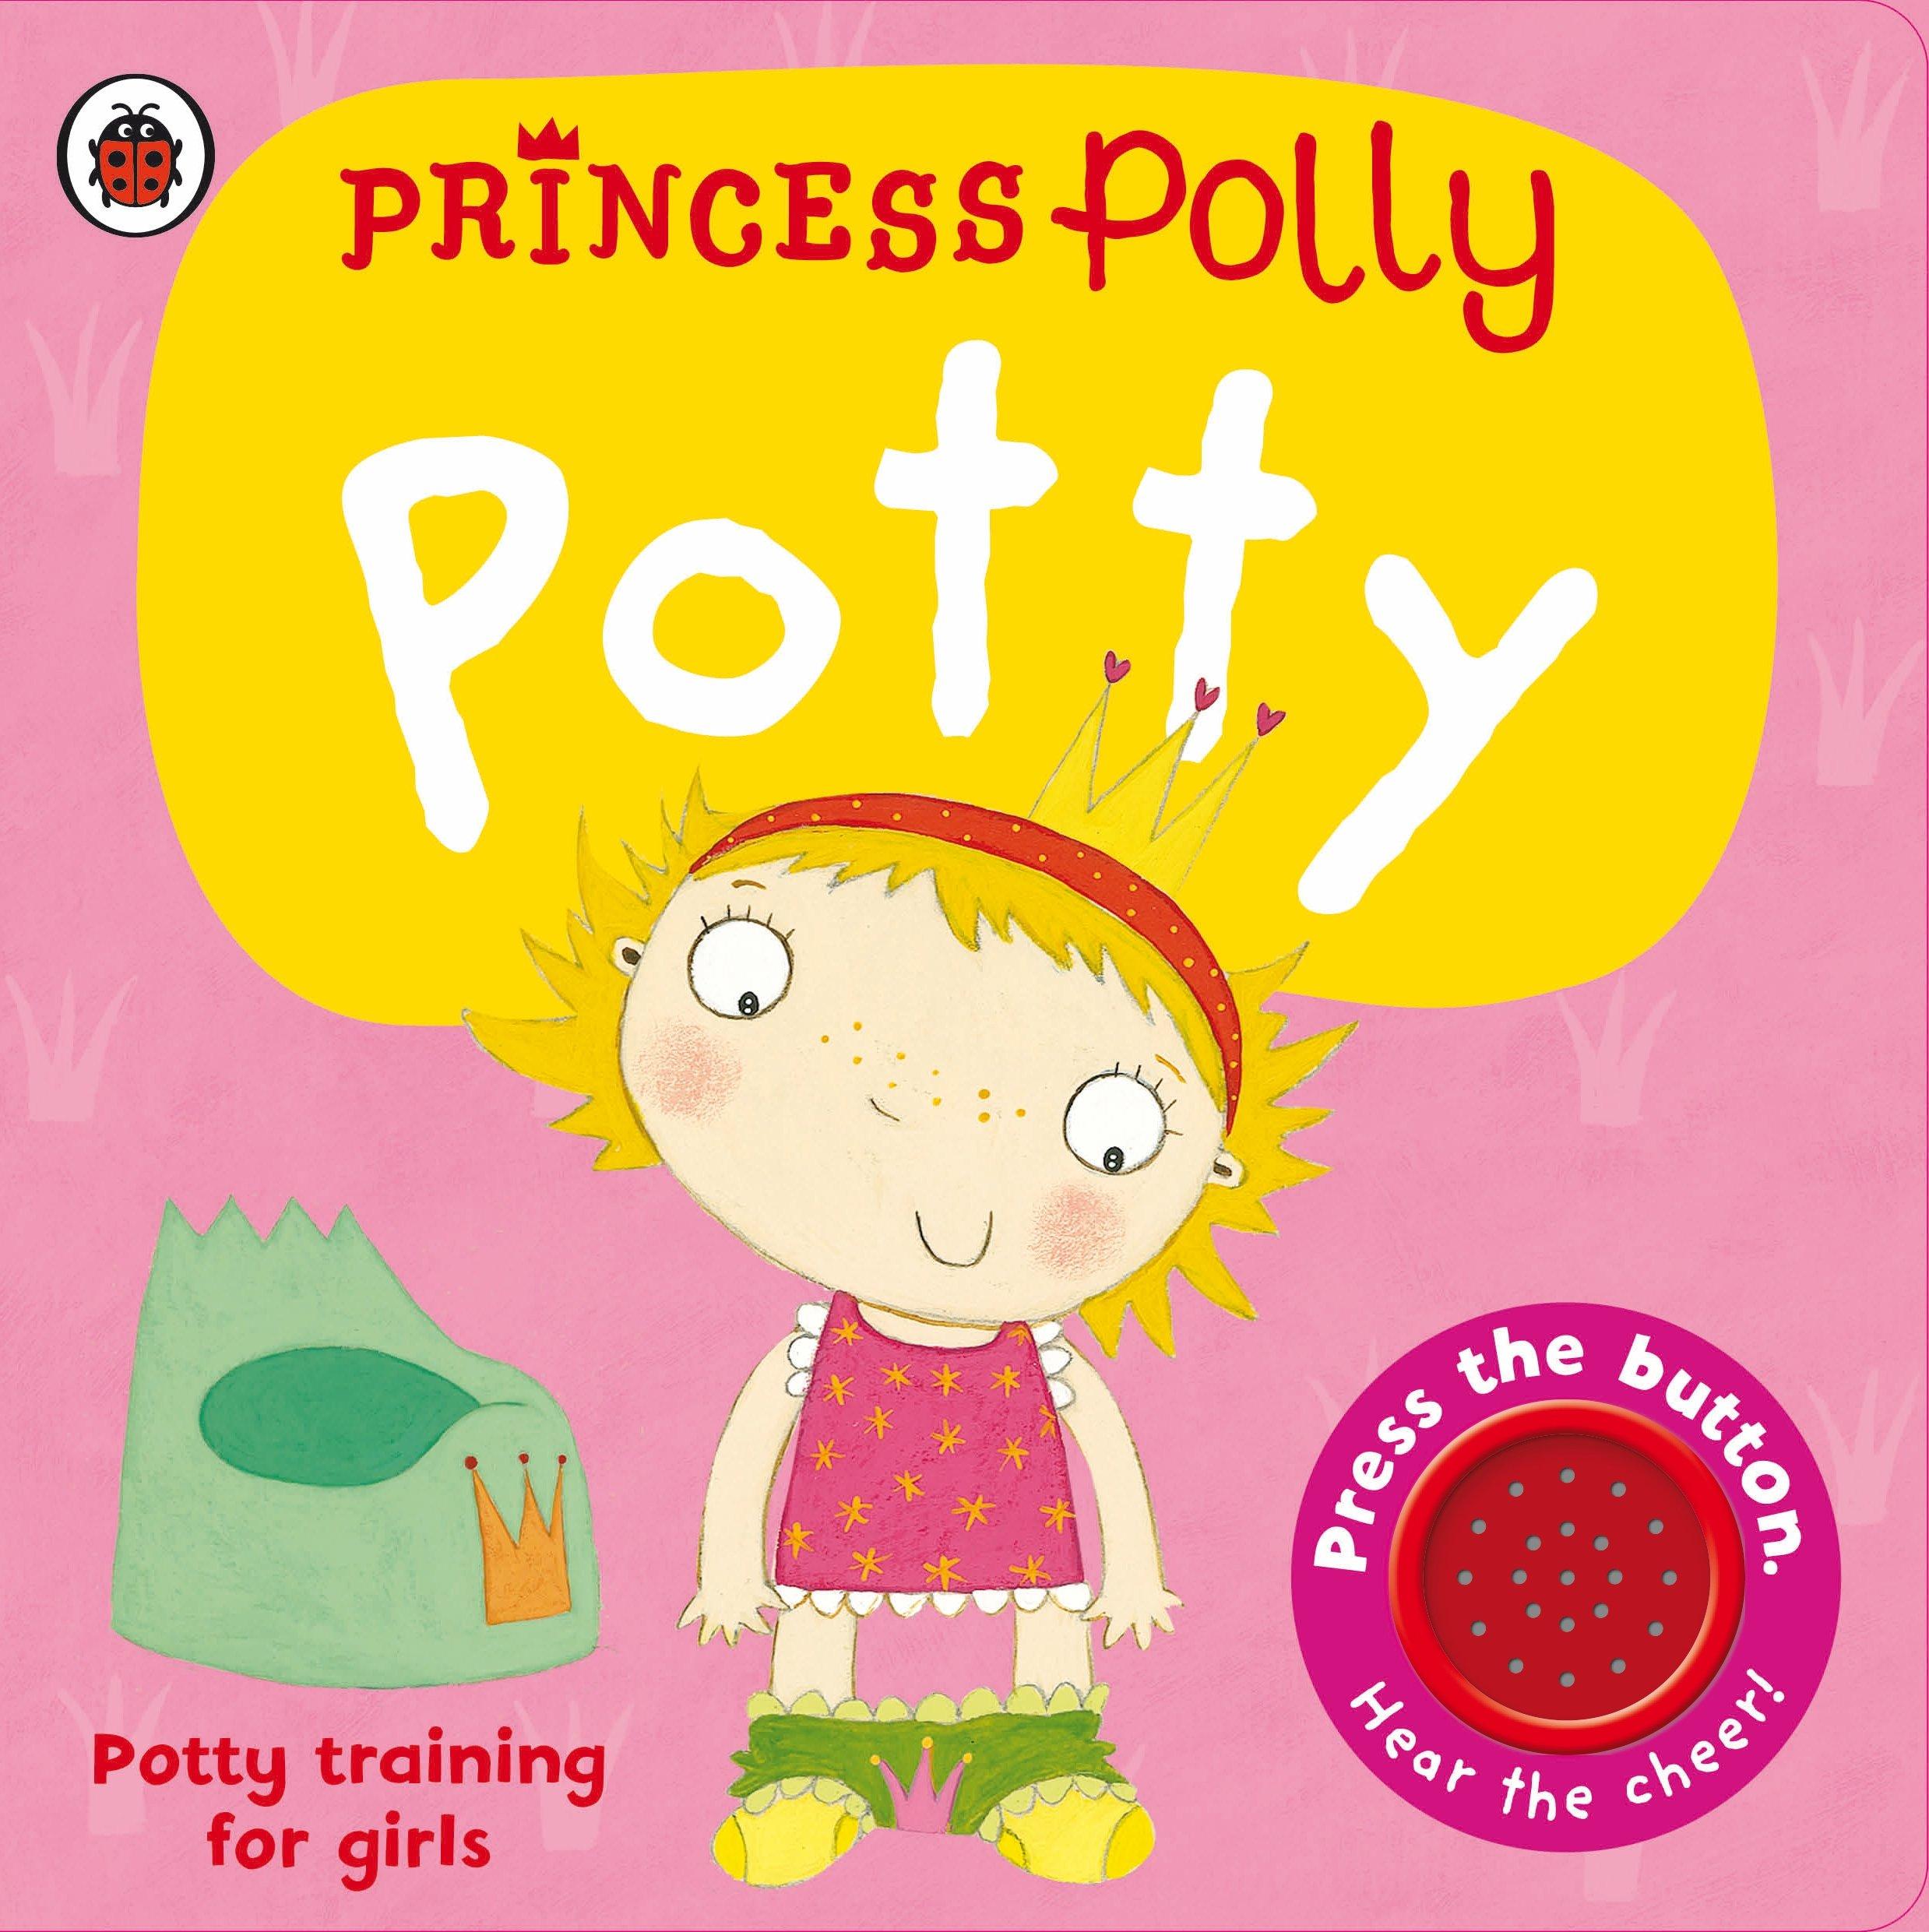 princess polly s potty amazon co uk andrea pinnington princess polly s potty amazon co uk andrea pinnington 9781409302193 books